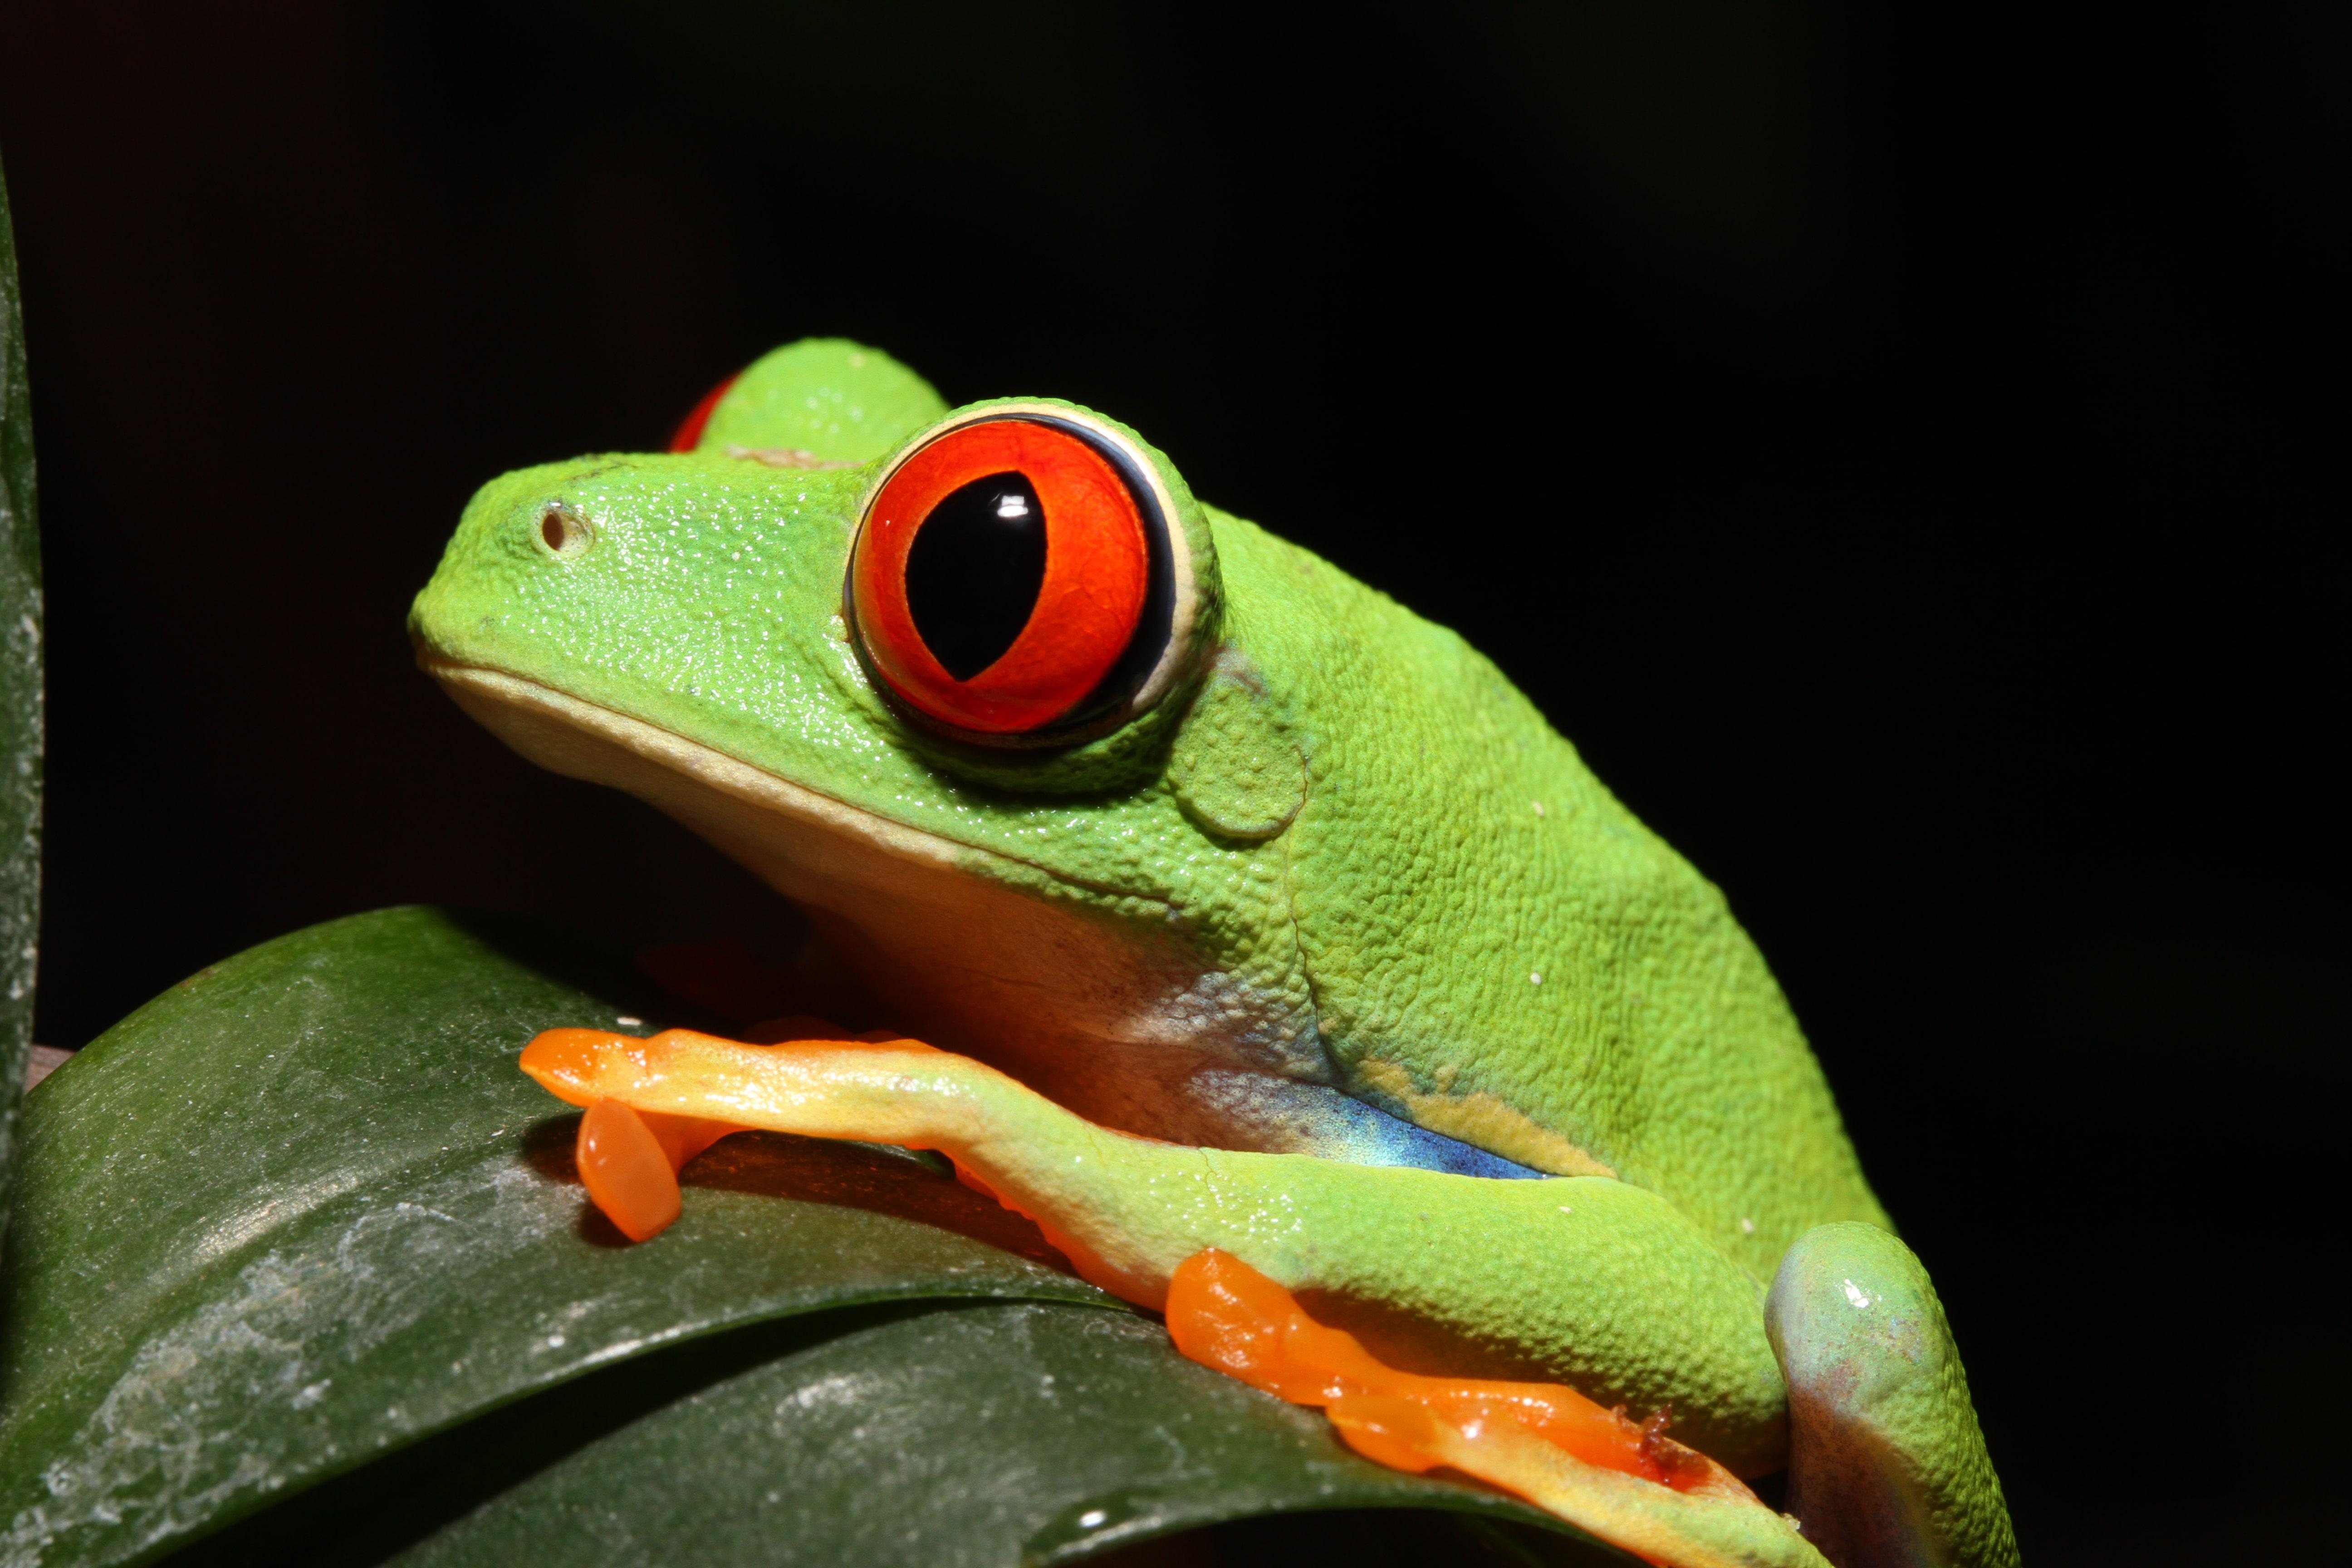 赤い目が特徴的なアカメアマガエル